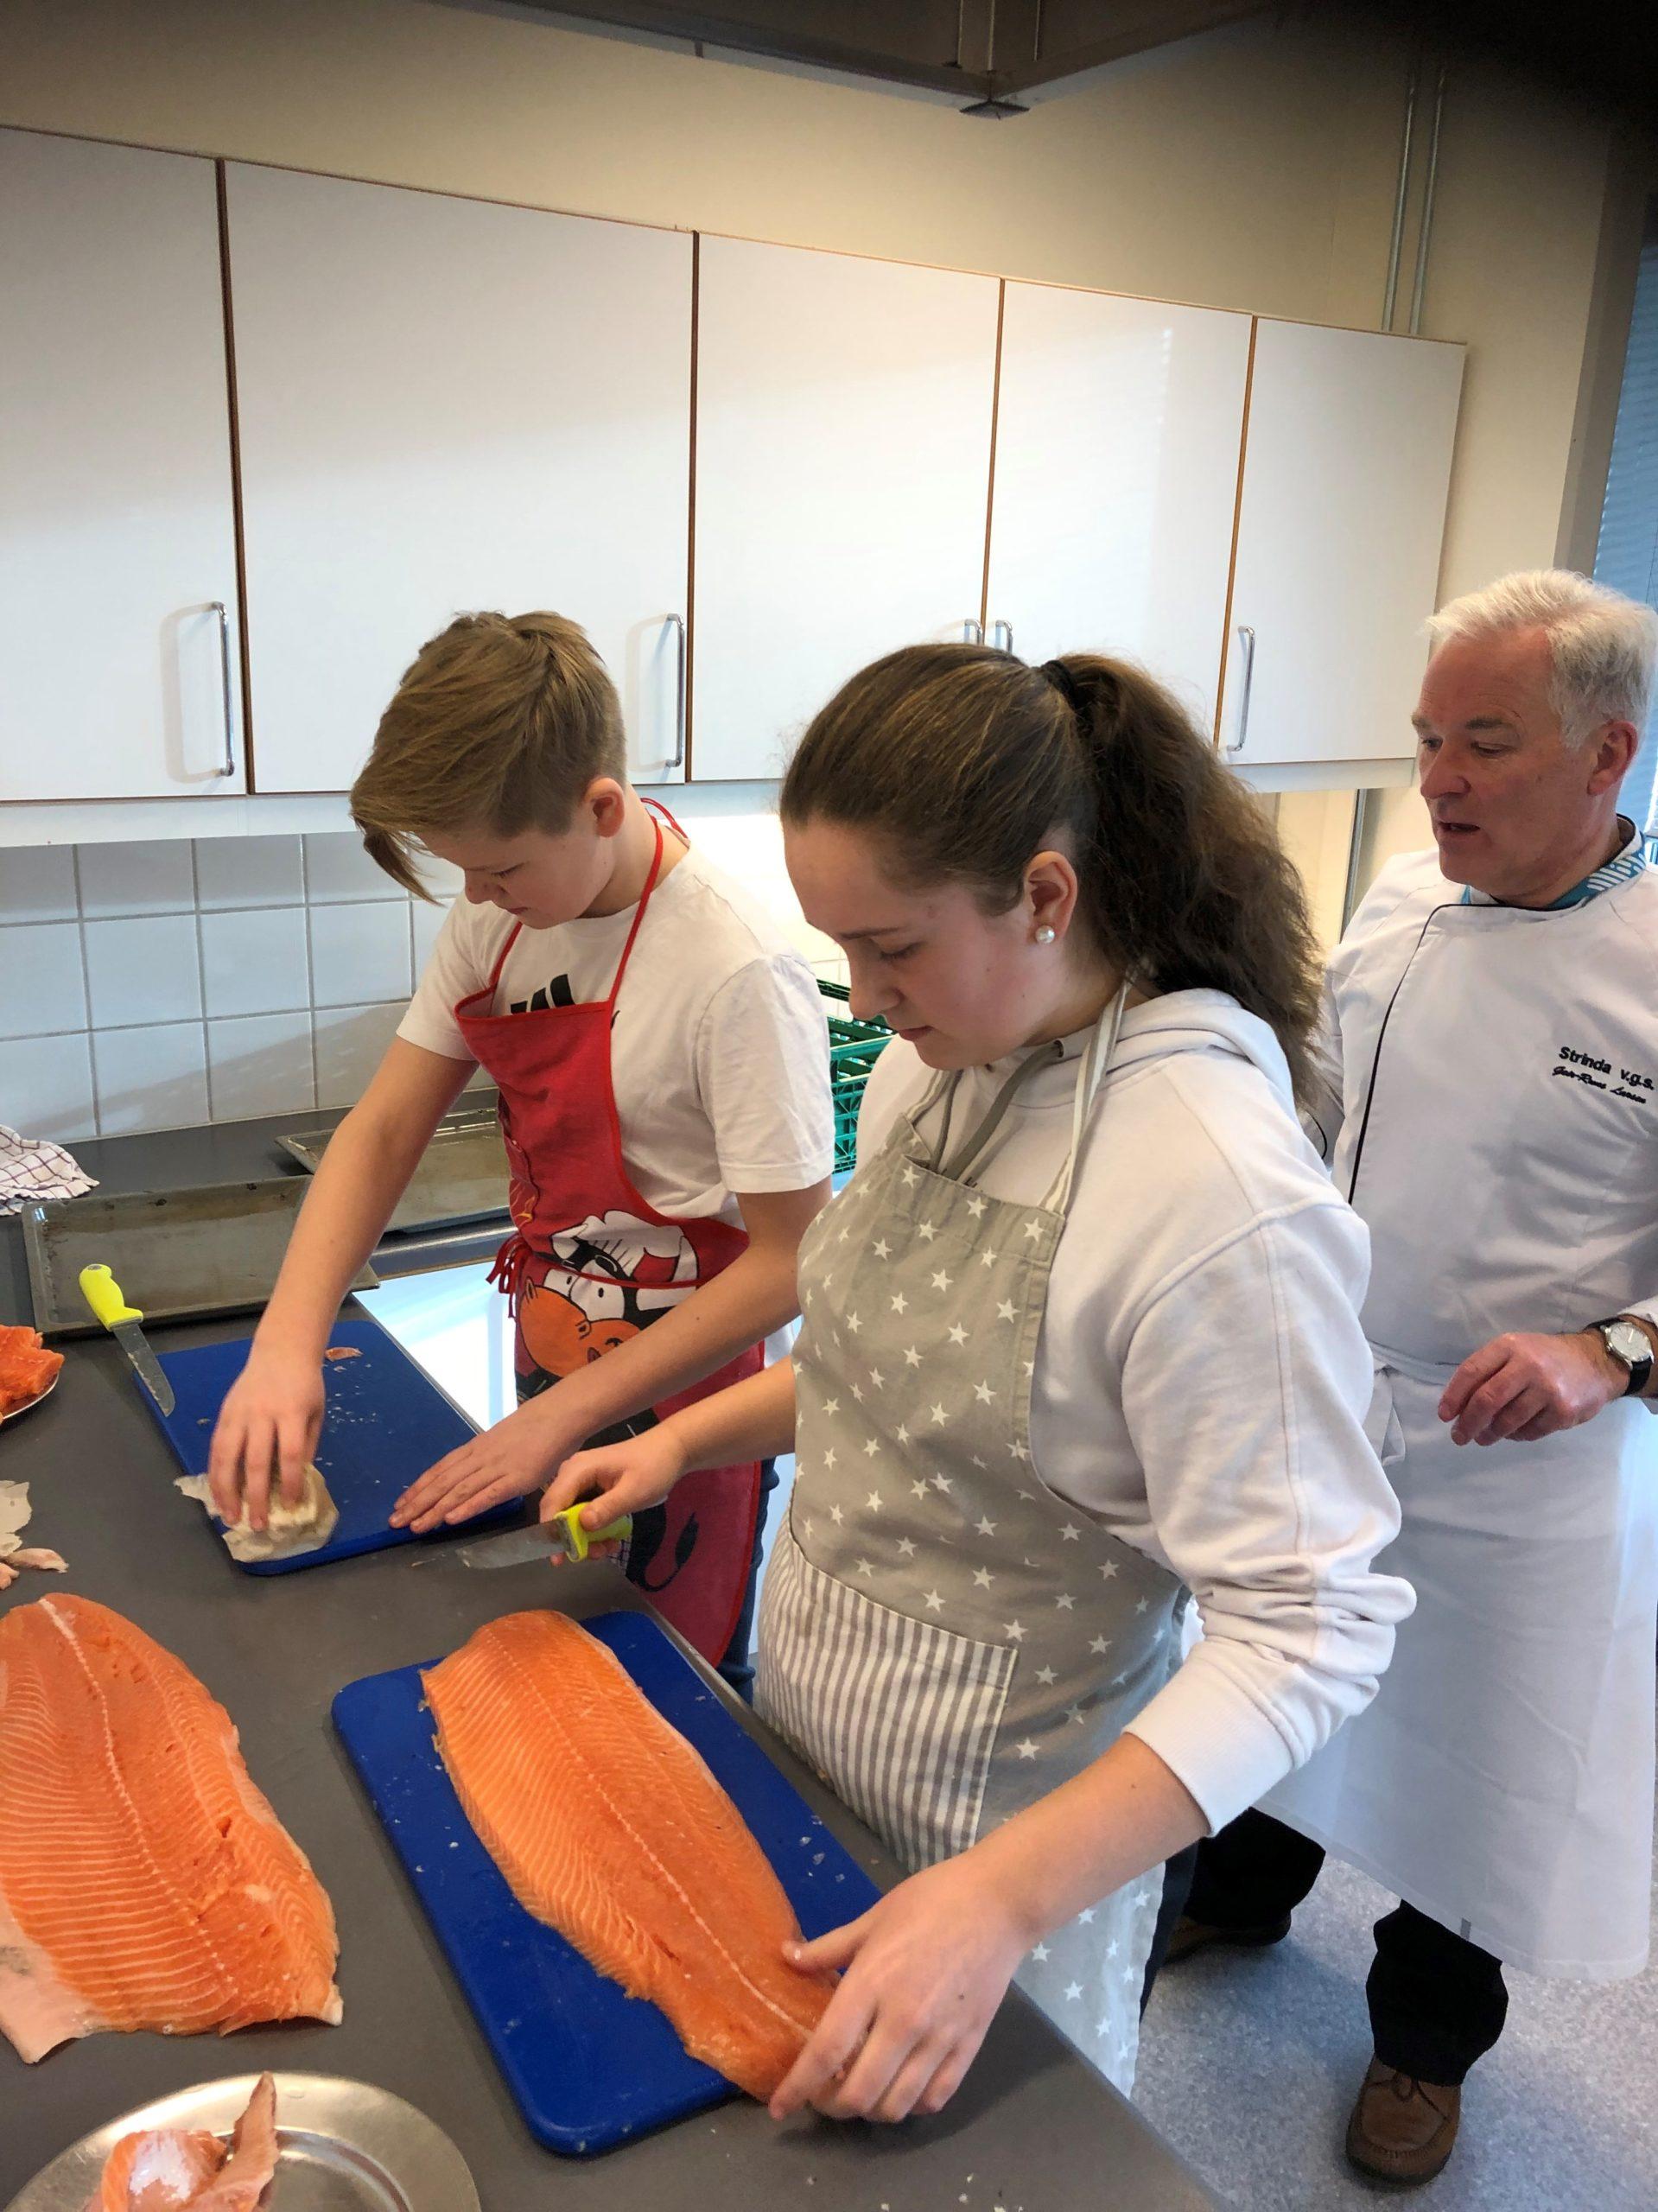 Marin Berg Thomassen og Felix Mohn Kvam i full gang med å filletere laks, under kyndig veiledning av mesterkokk Geir-Rune Larsen fra Strinda Videregående skole.